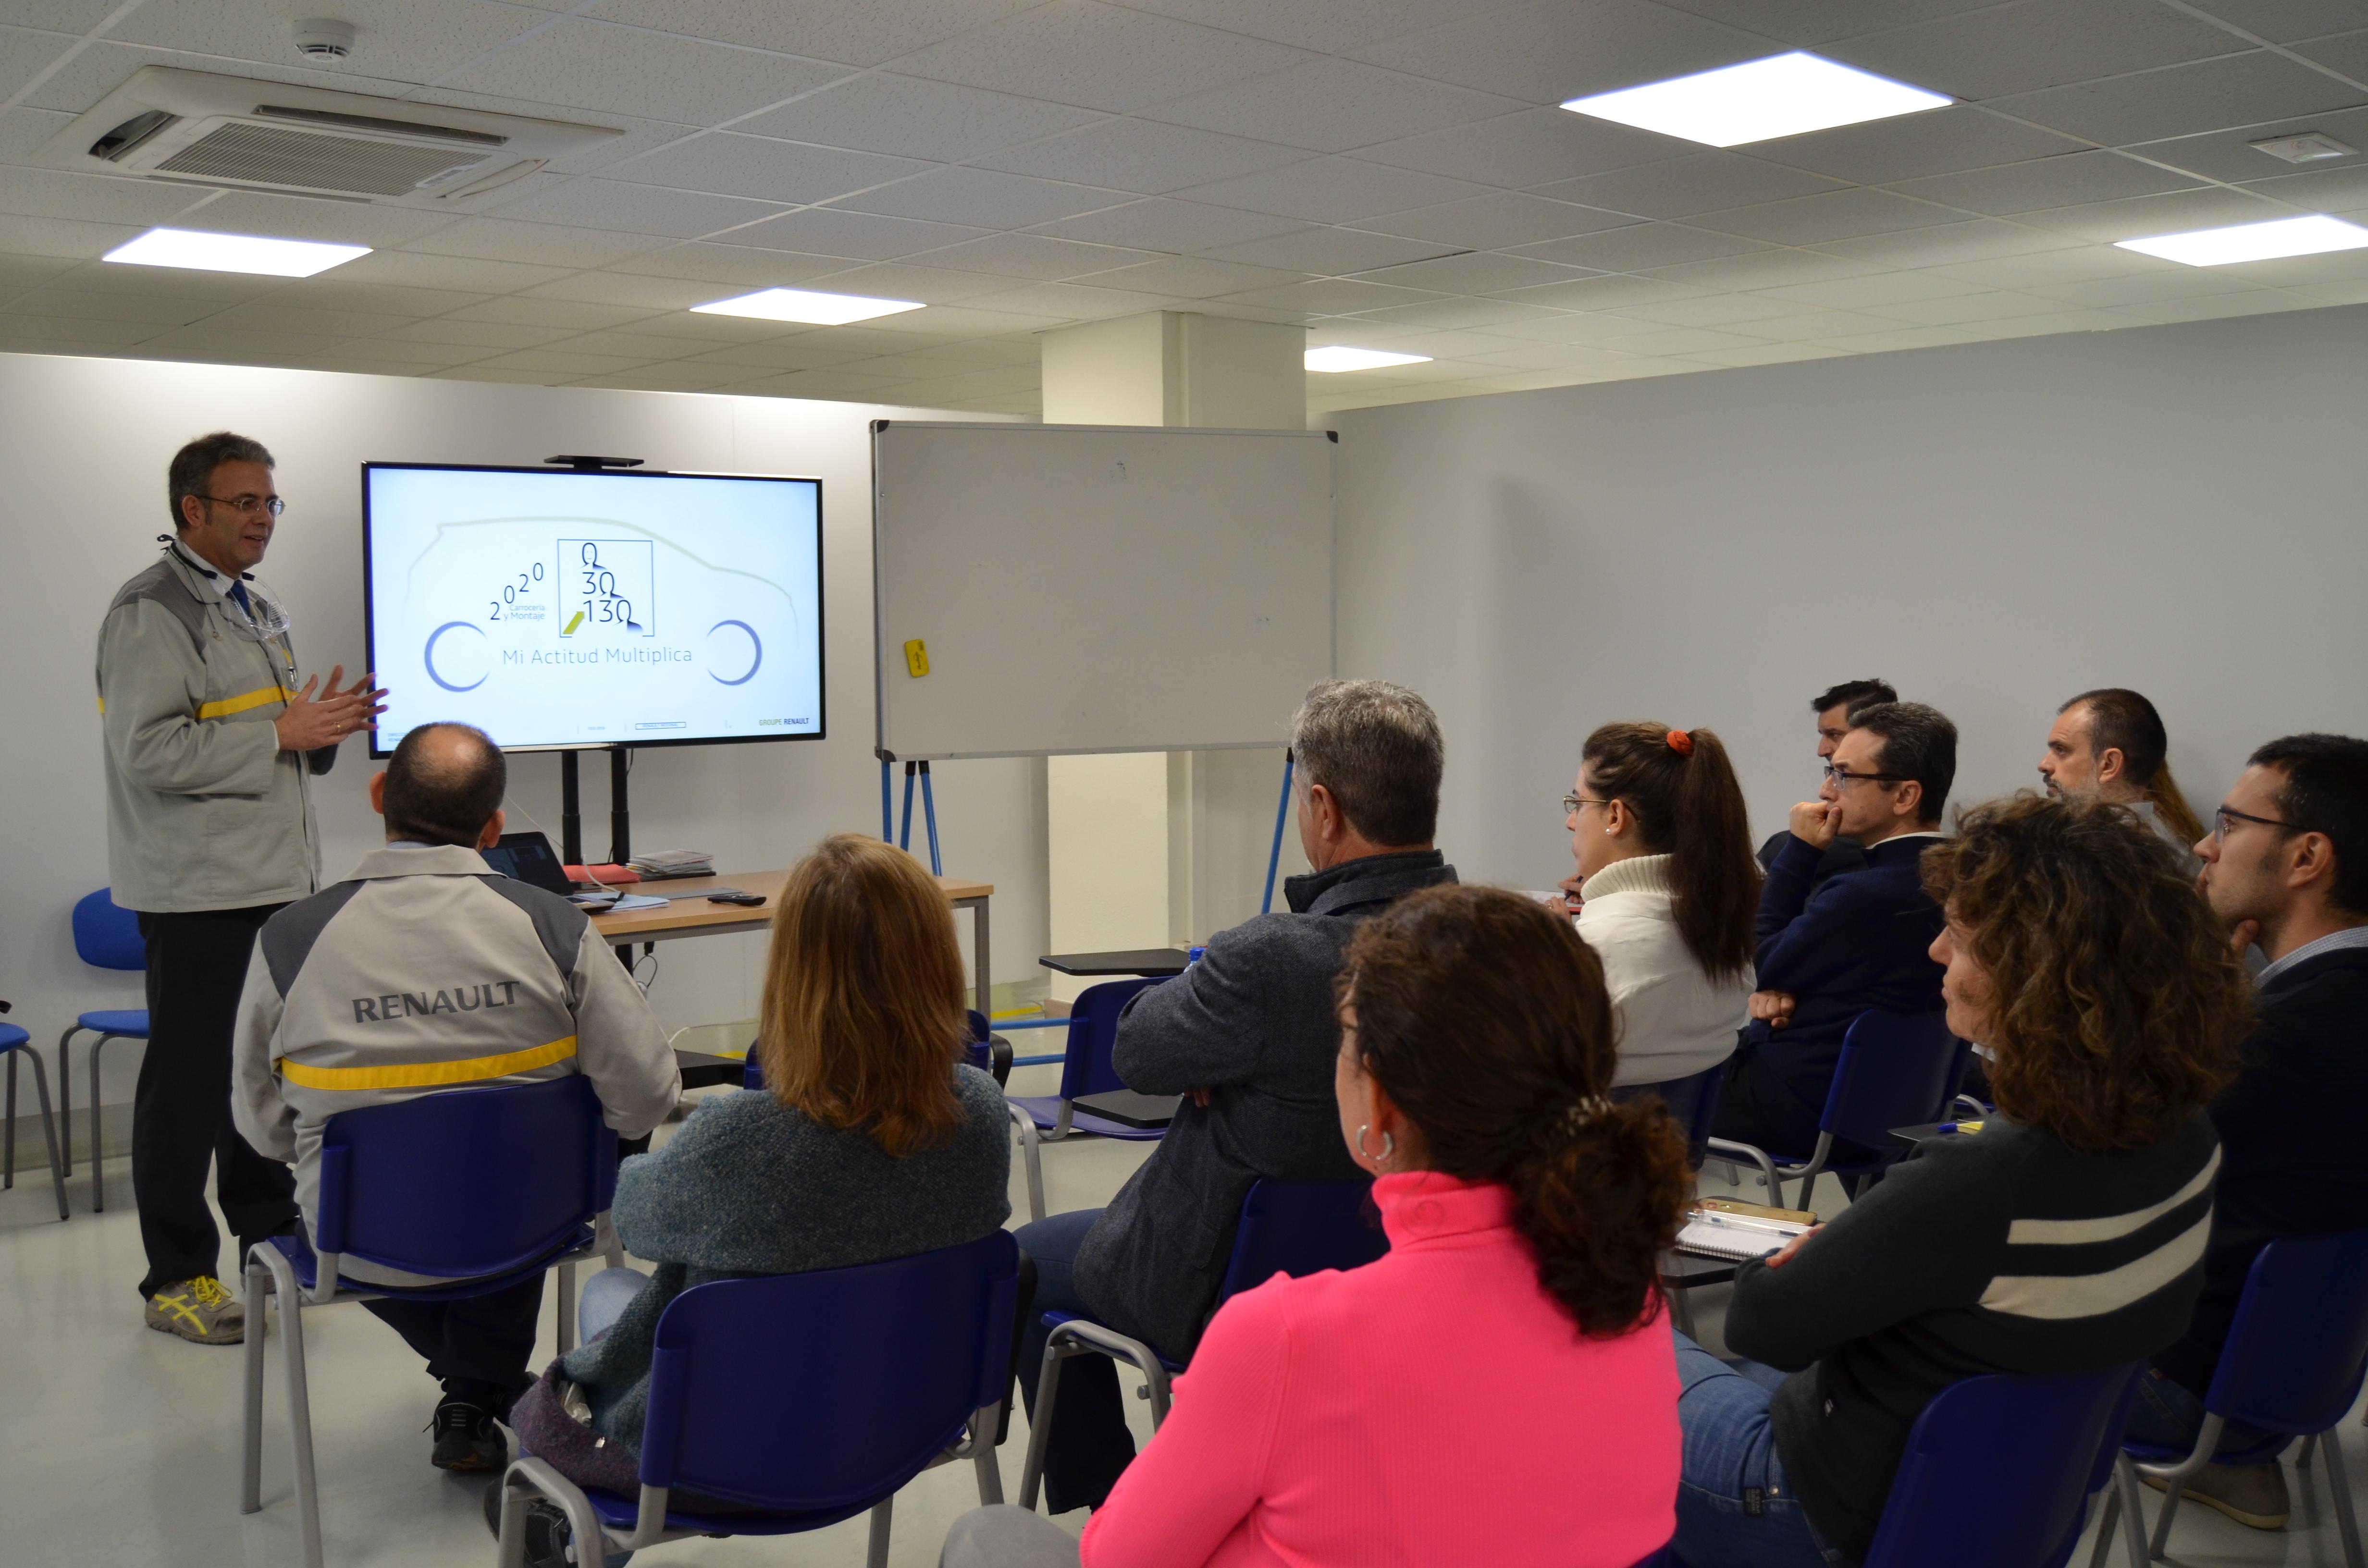 RENAULT muestra a los Socios de Cluster FACYL su Dojo de Capacitación  en Seguridad y Salud Laboral